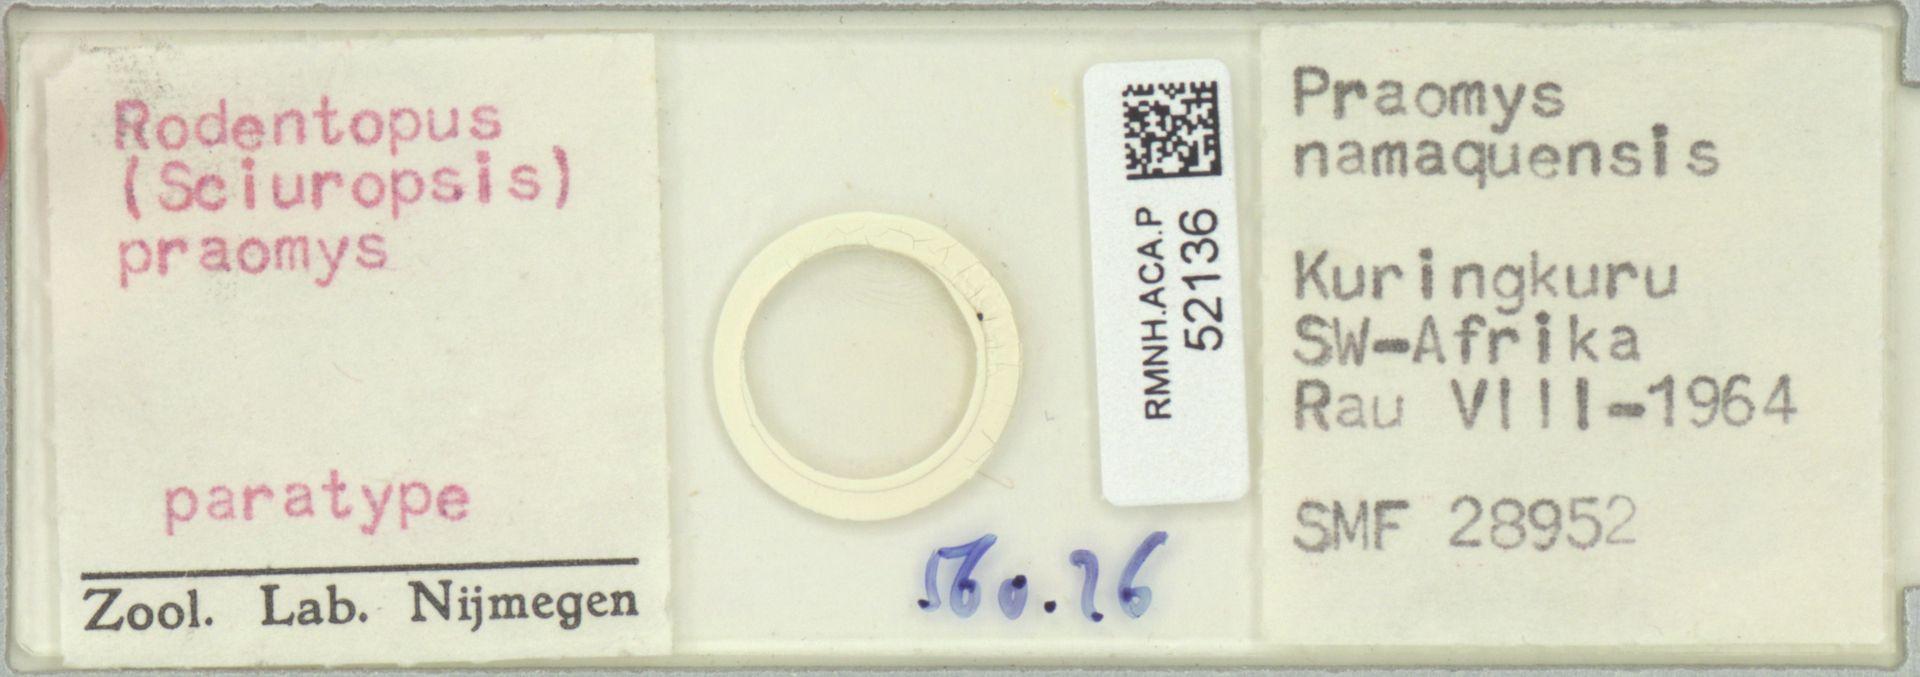 RMNH.ACA.P.52136 | Rodentopus (Sciuropsis) praomys